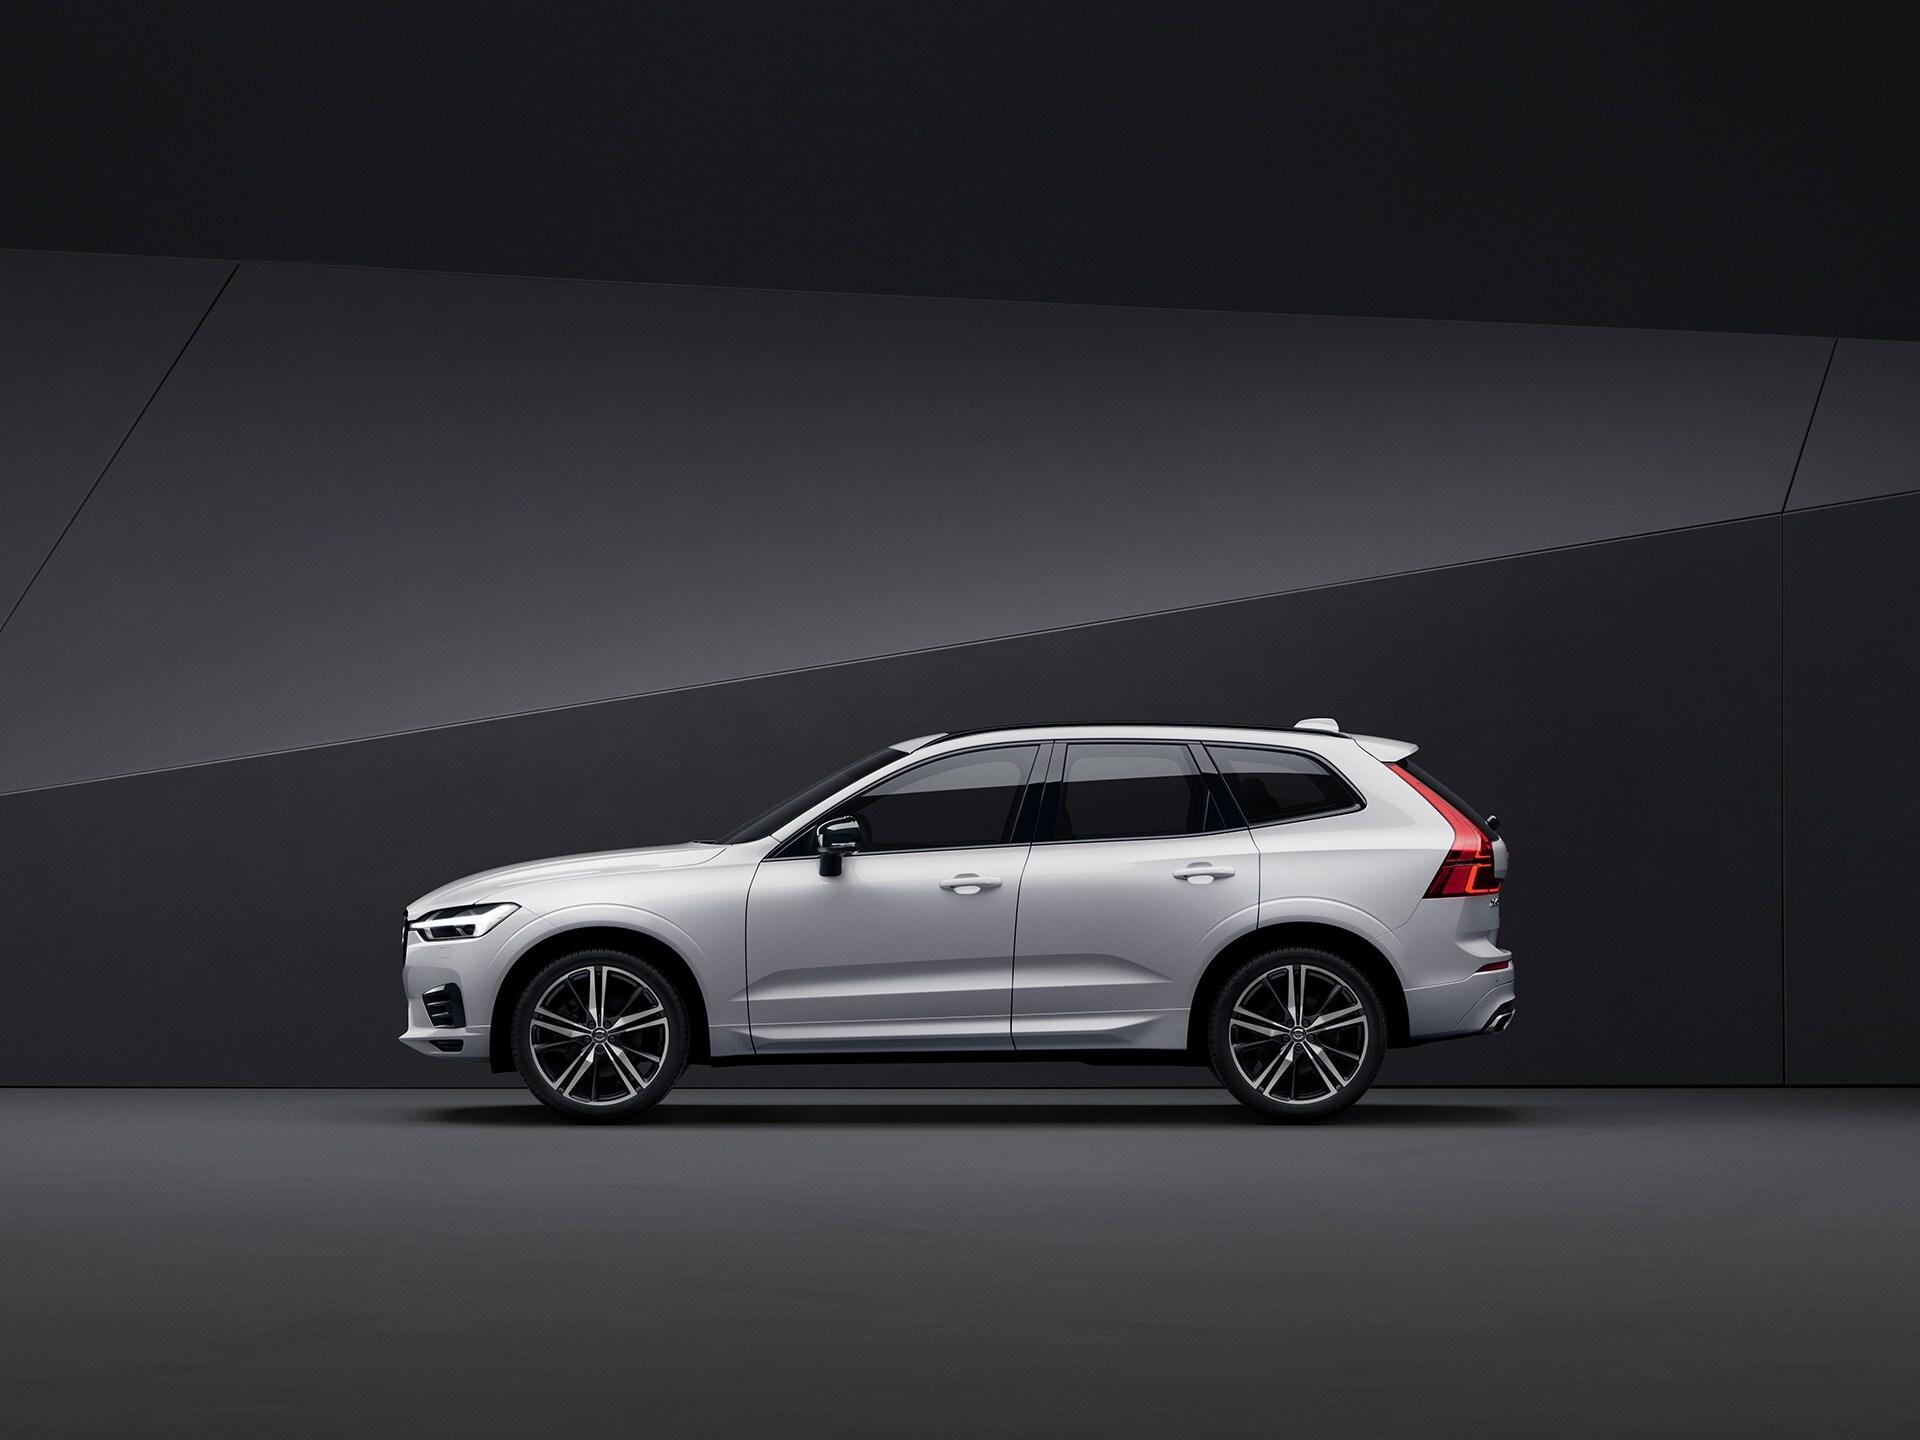 Een witte Volvo XC60 geparkeerd in een zwarte omgeving